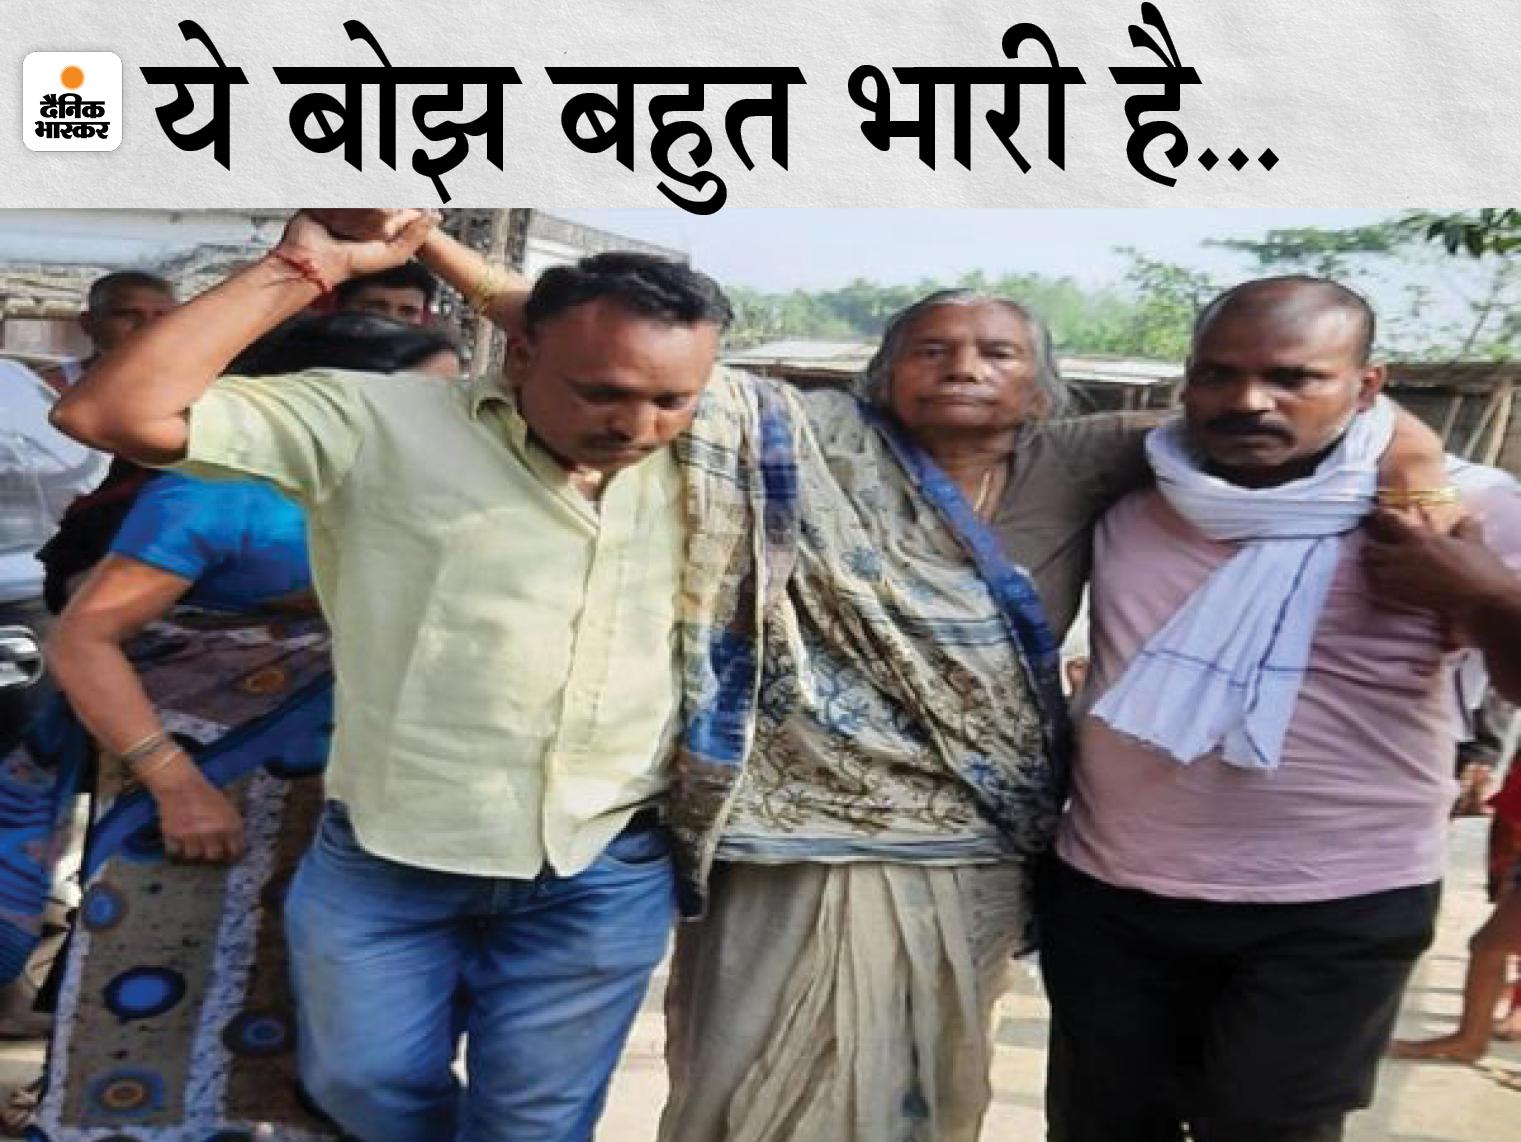 बेटे की शहादत से बेखबर बूढ़ी मां को सहारा देते परिजन। - Dainik Bhaskar